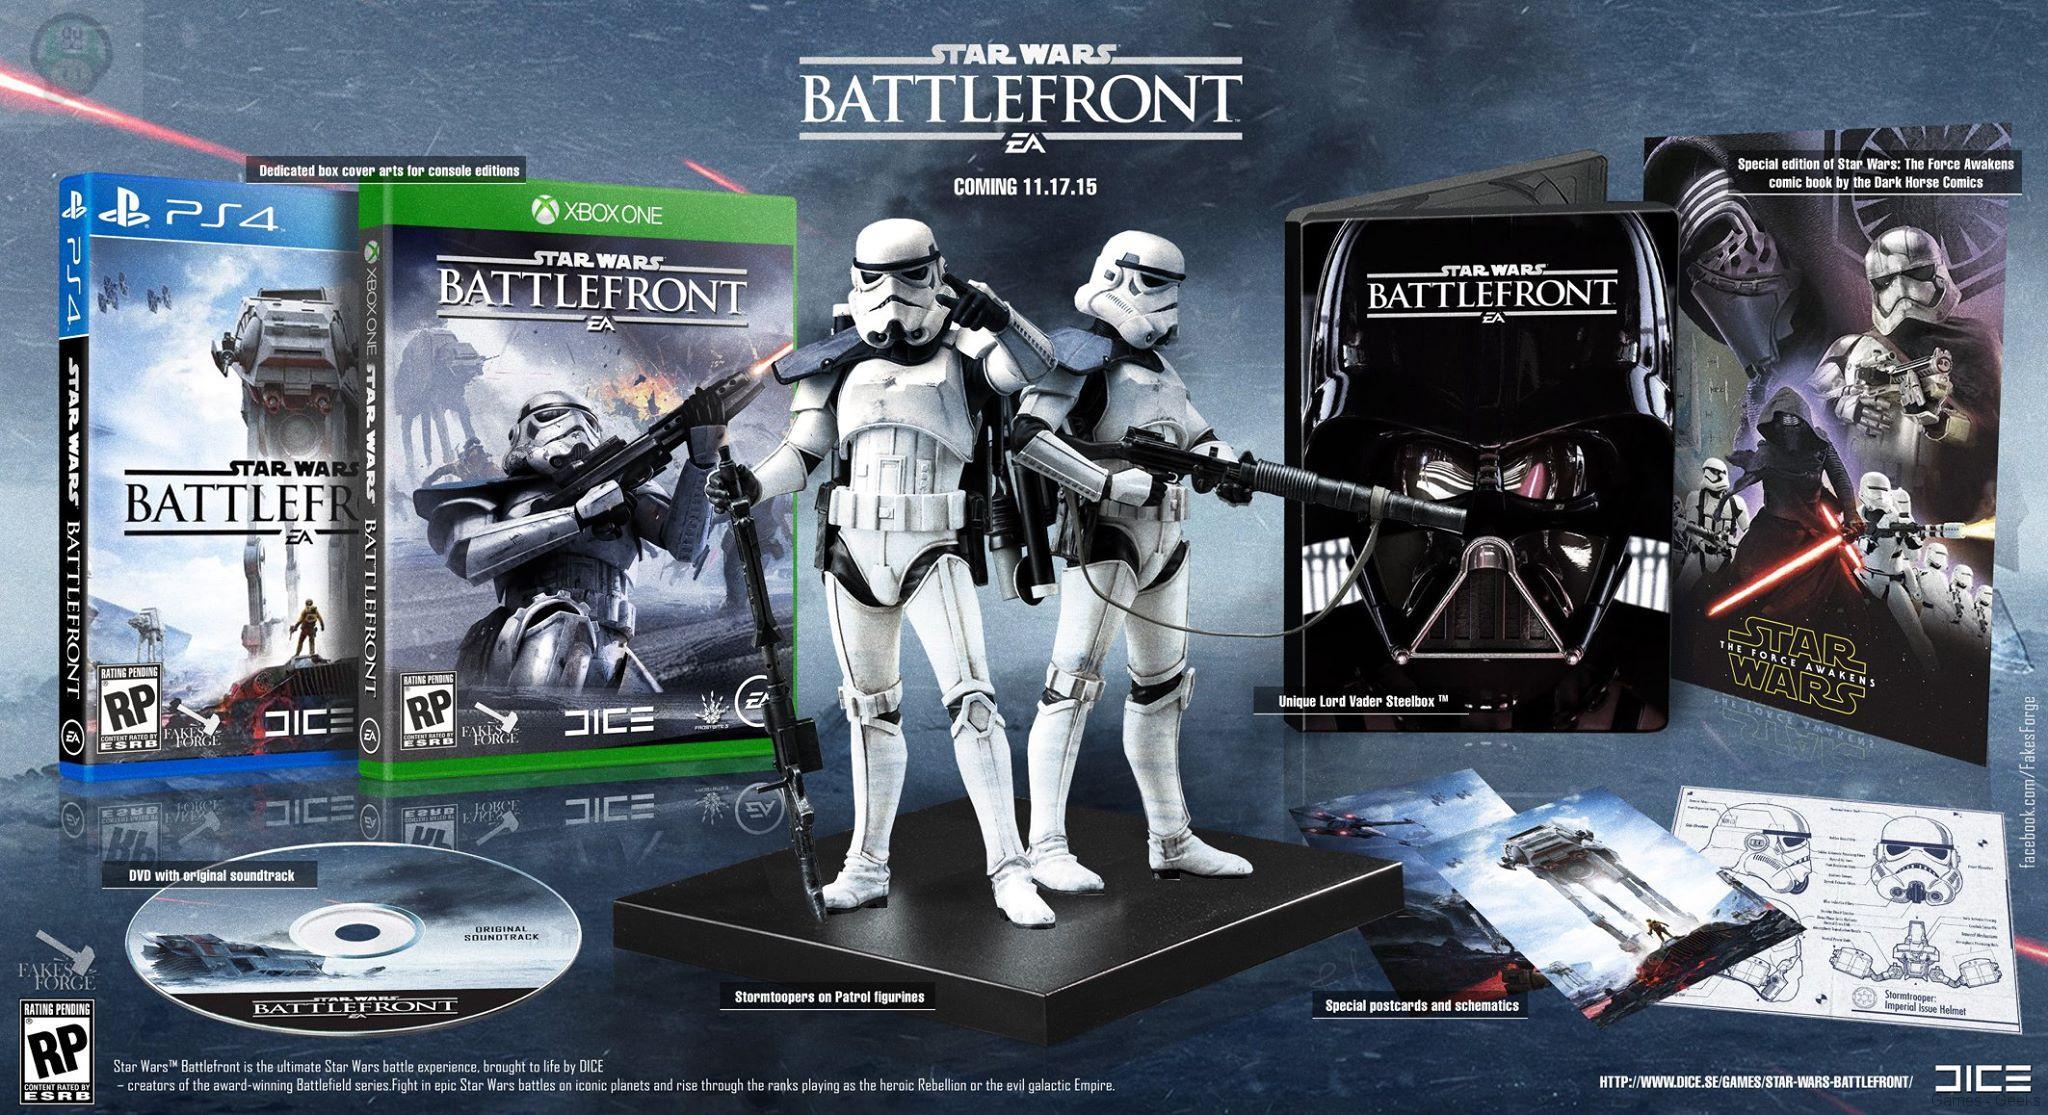 Insolite Star Wars Battlefront Les Collectors R 234 V 233 S